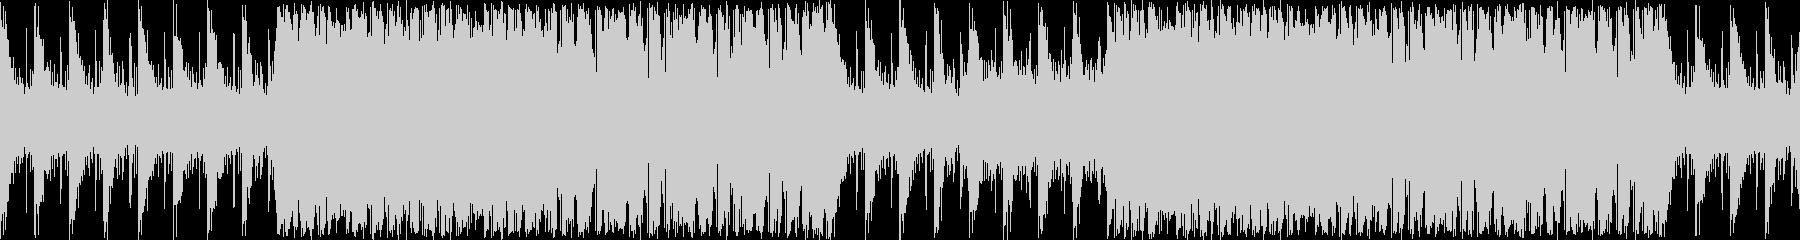 緊張感溢れるサイバーで無機質な楽曲ループの未再生の波形